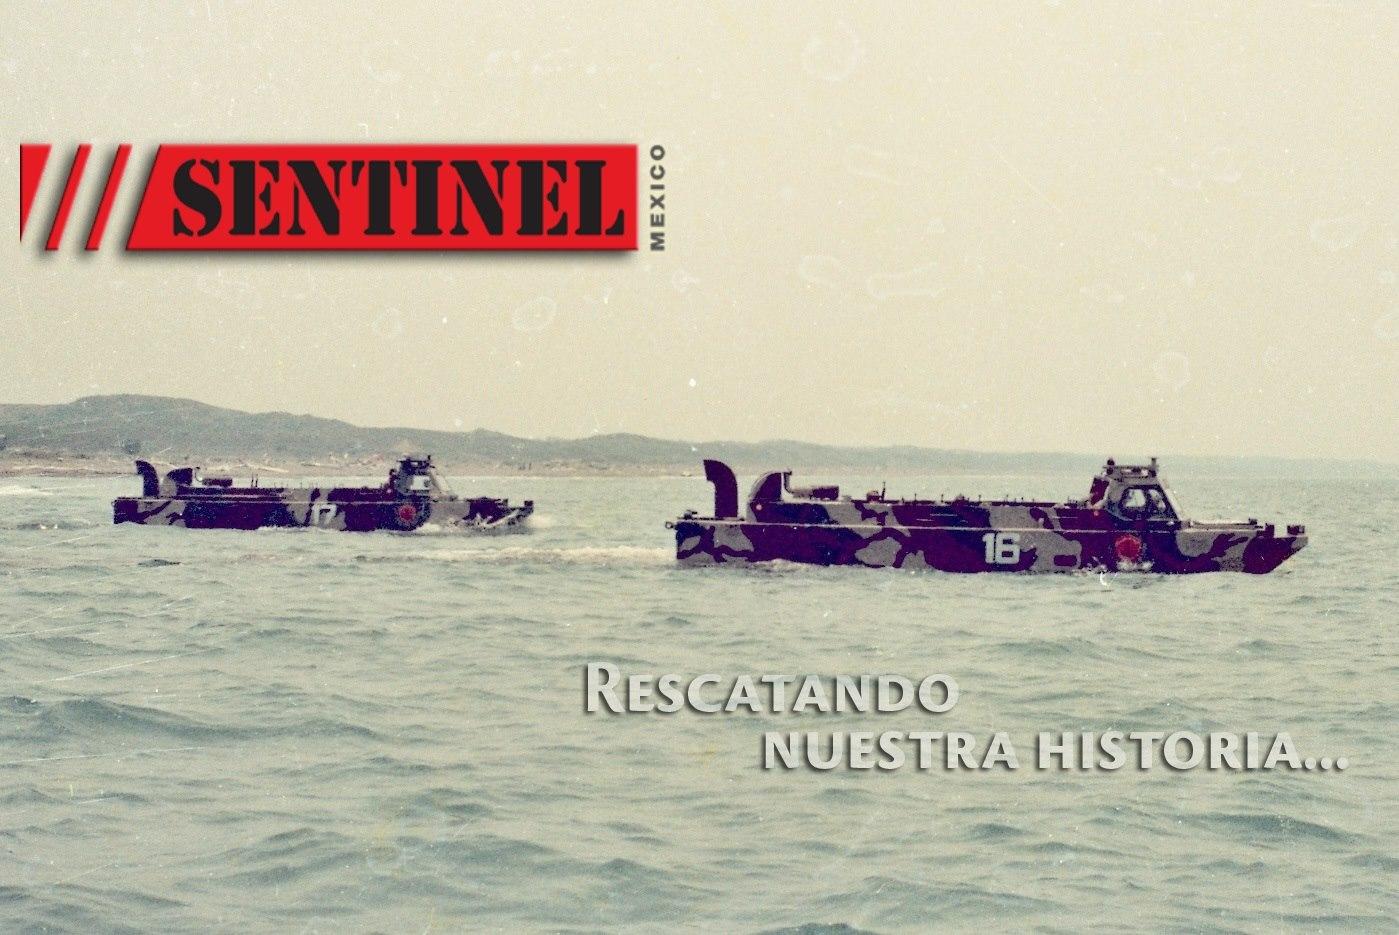 infanteria - BMR-600  y Anfibio PEGASO en la Armada de México - Página 2 1zg6jau